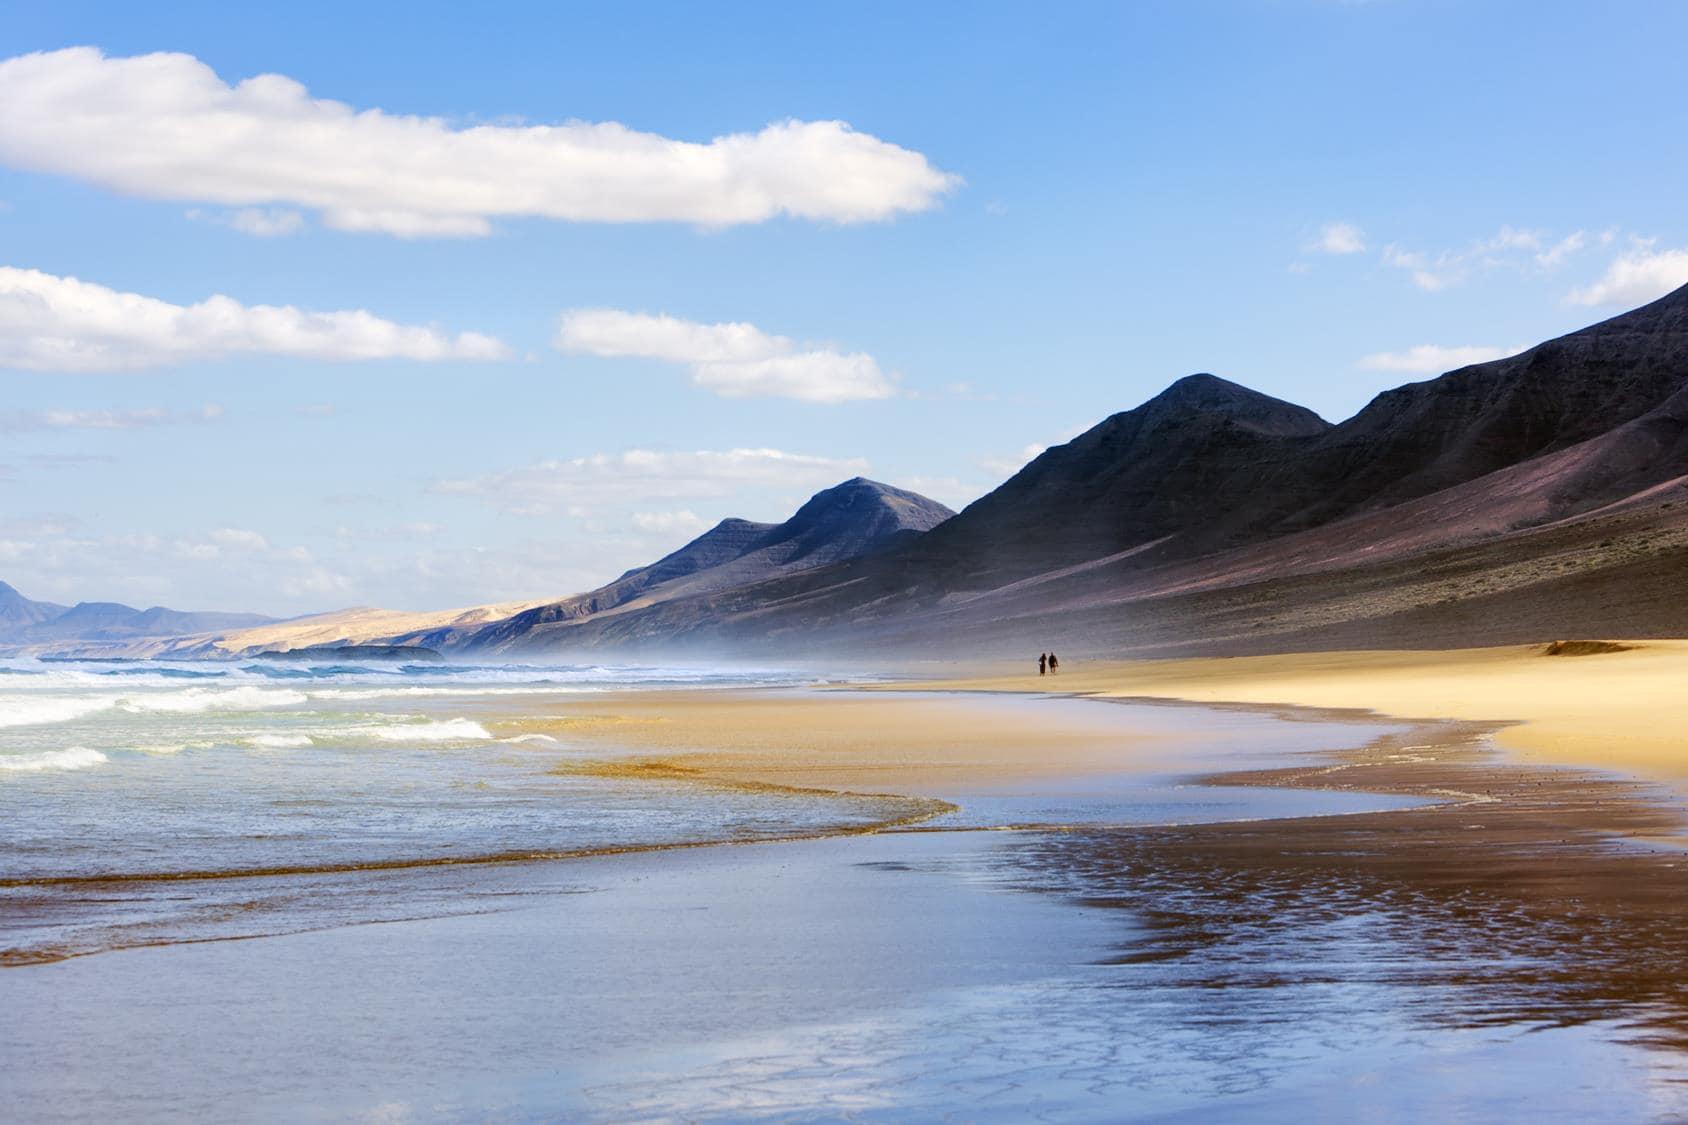 Viaggio alle Canarie tra spiagge e vulcani